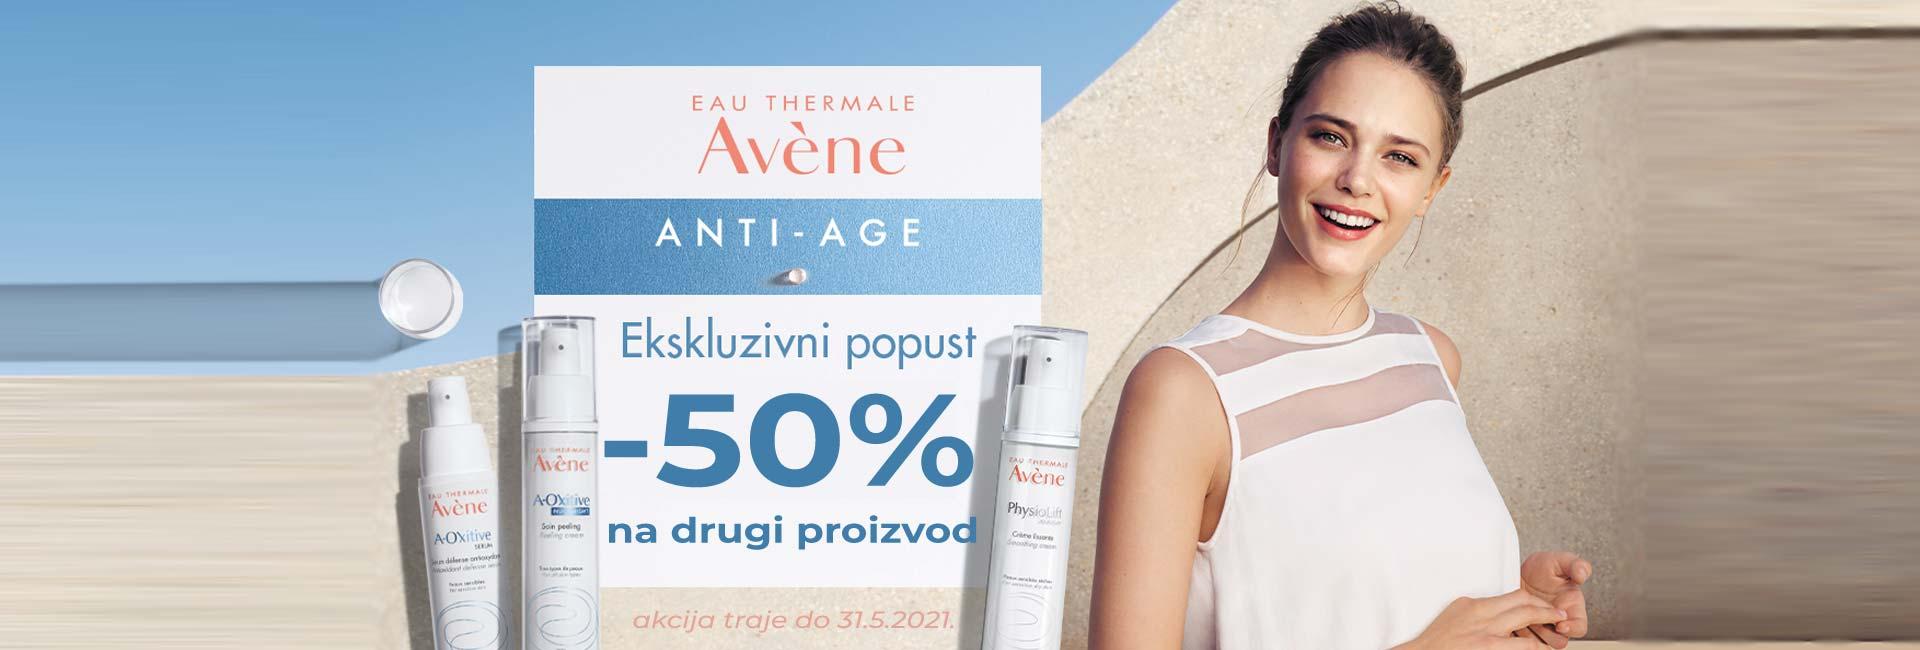 avene anti age -50% na drugi proizvod